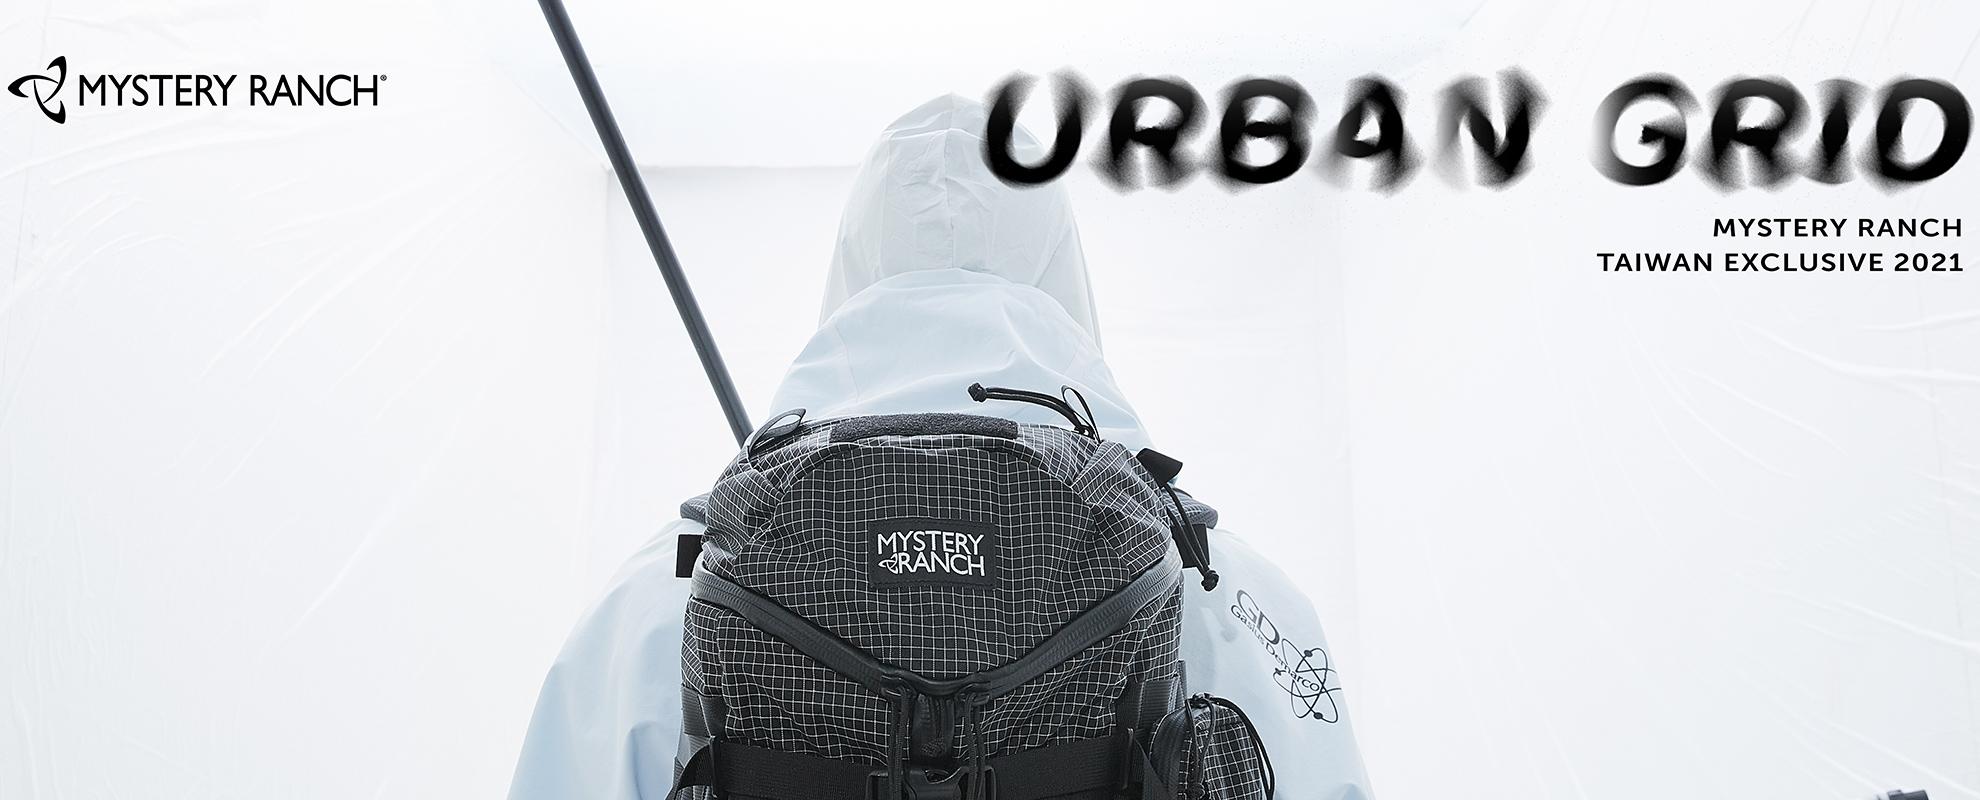 2021台灣限定版URBAN GRID